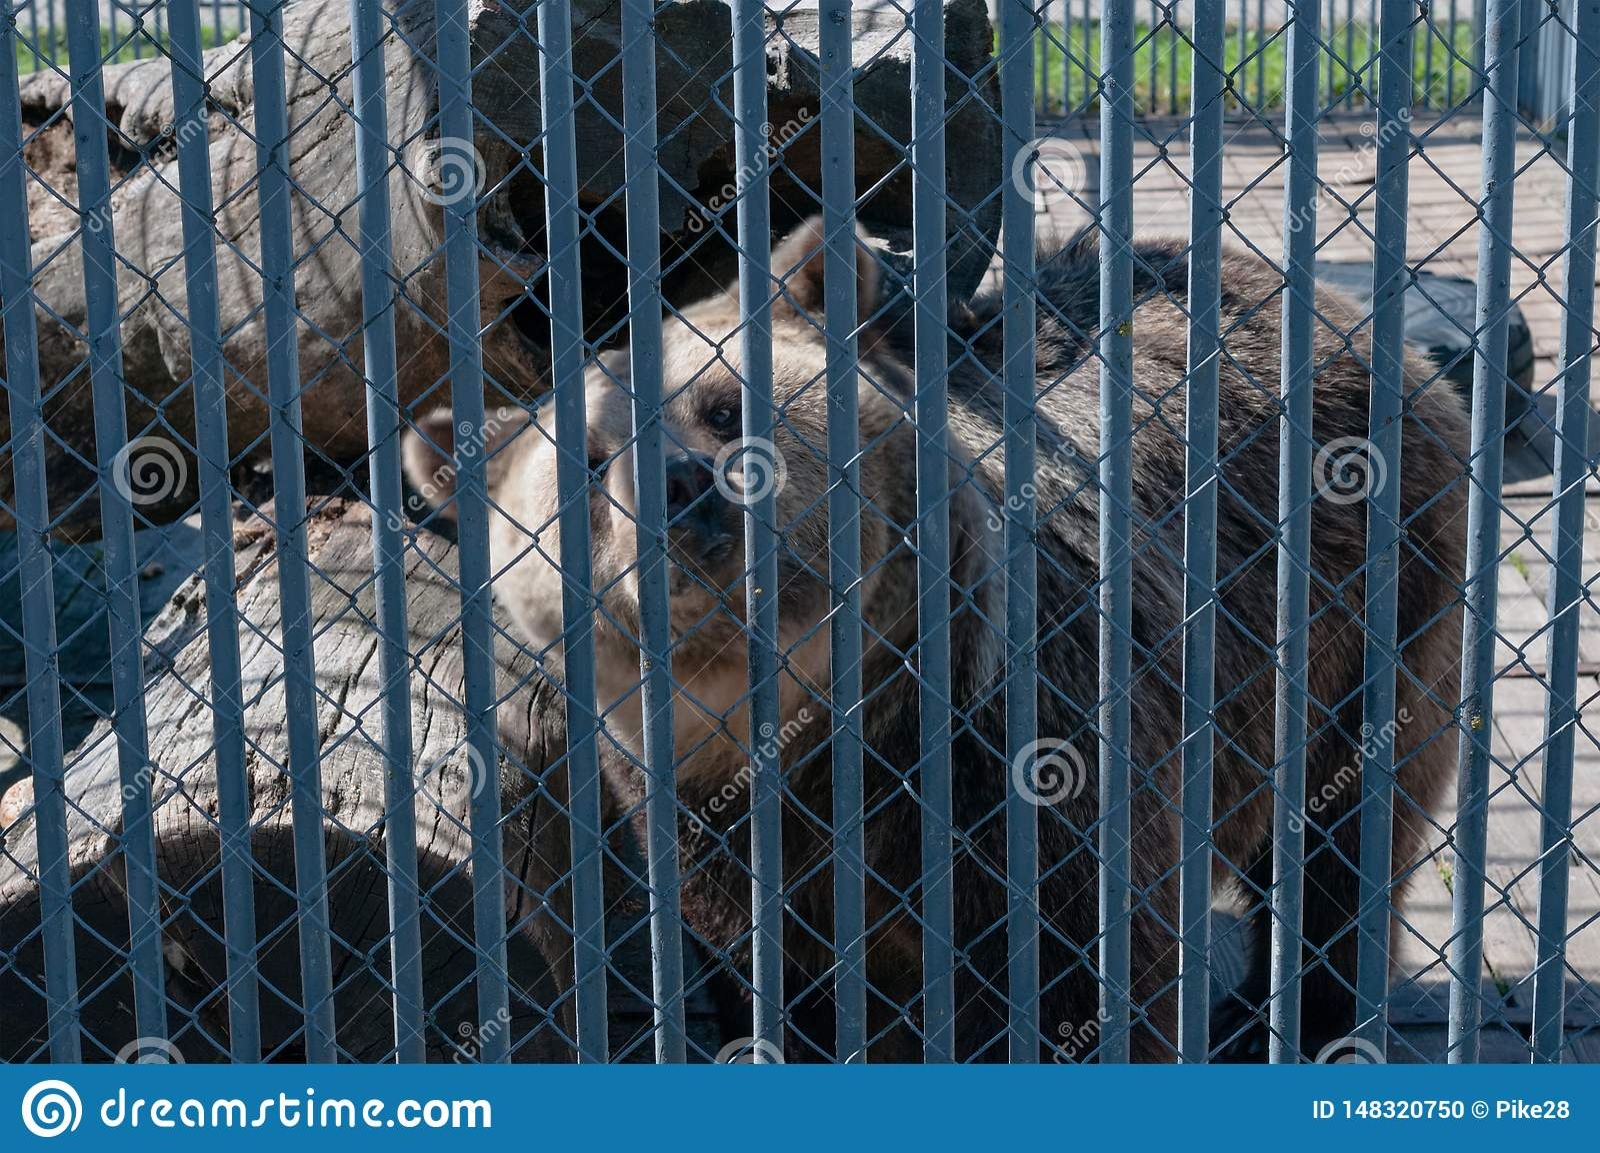 Bruin draag achter de tralies bij de dierentuin